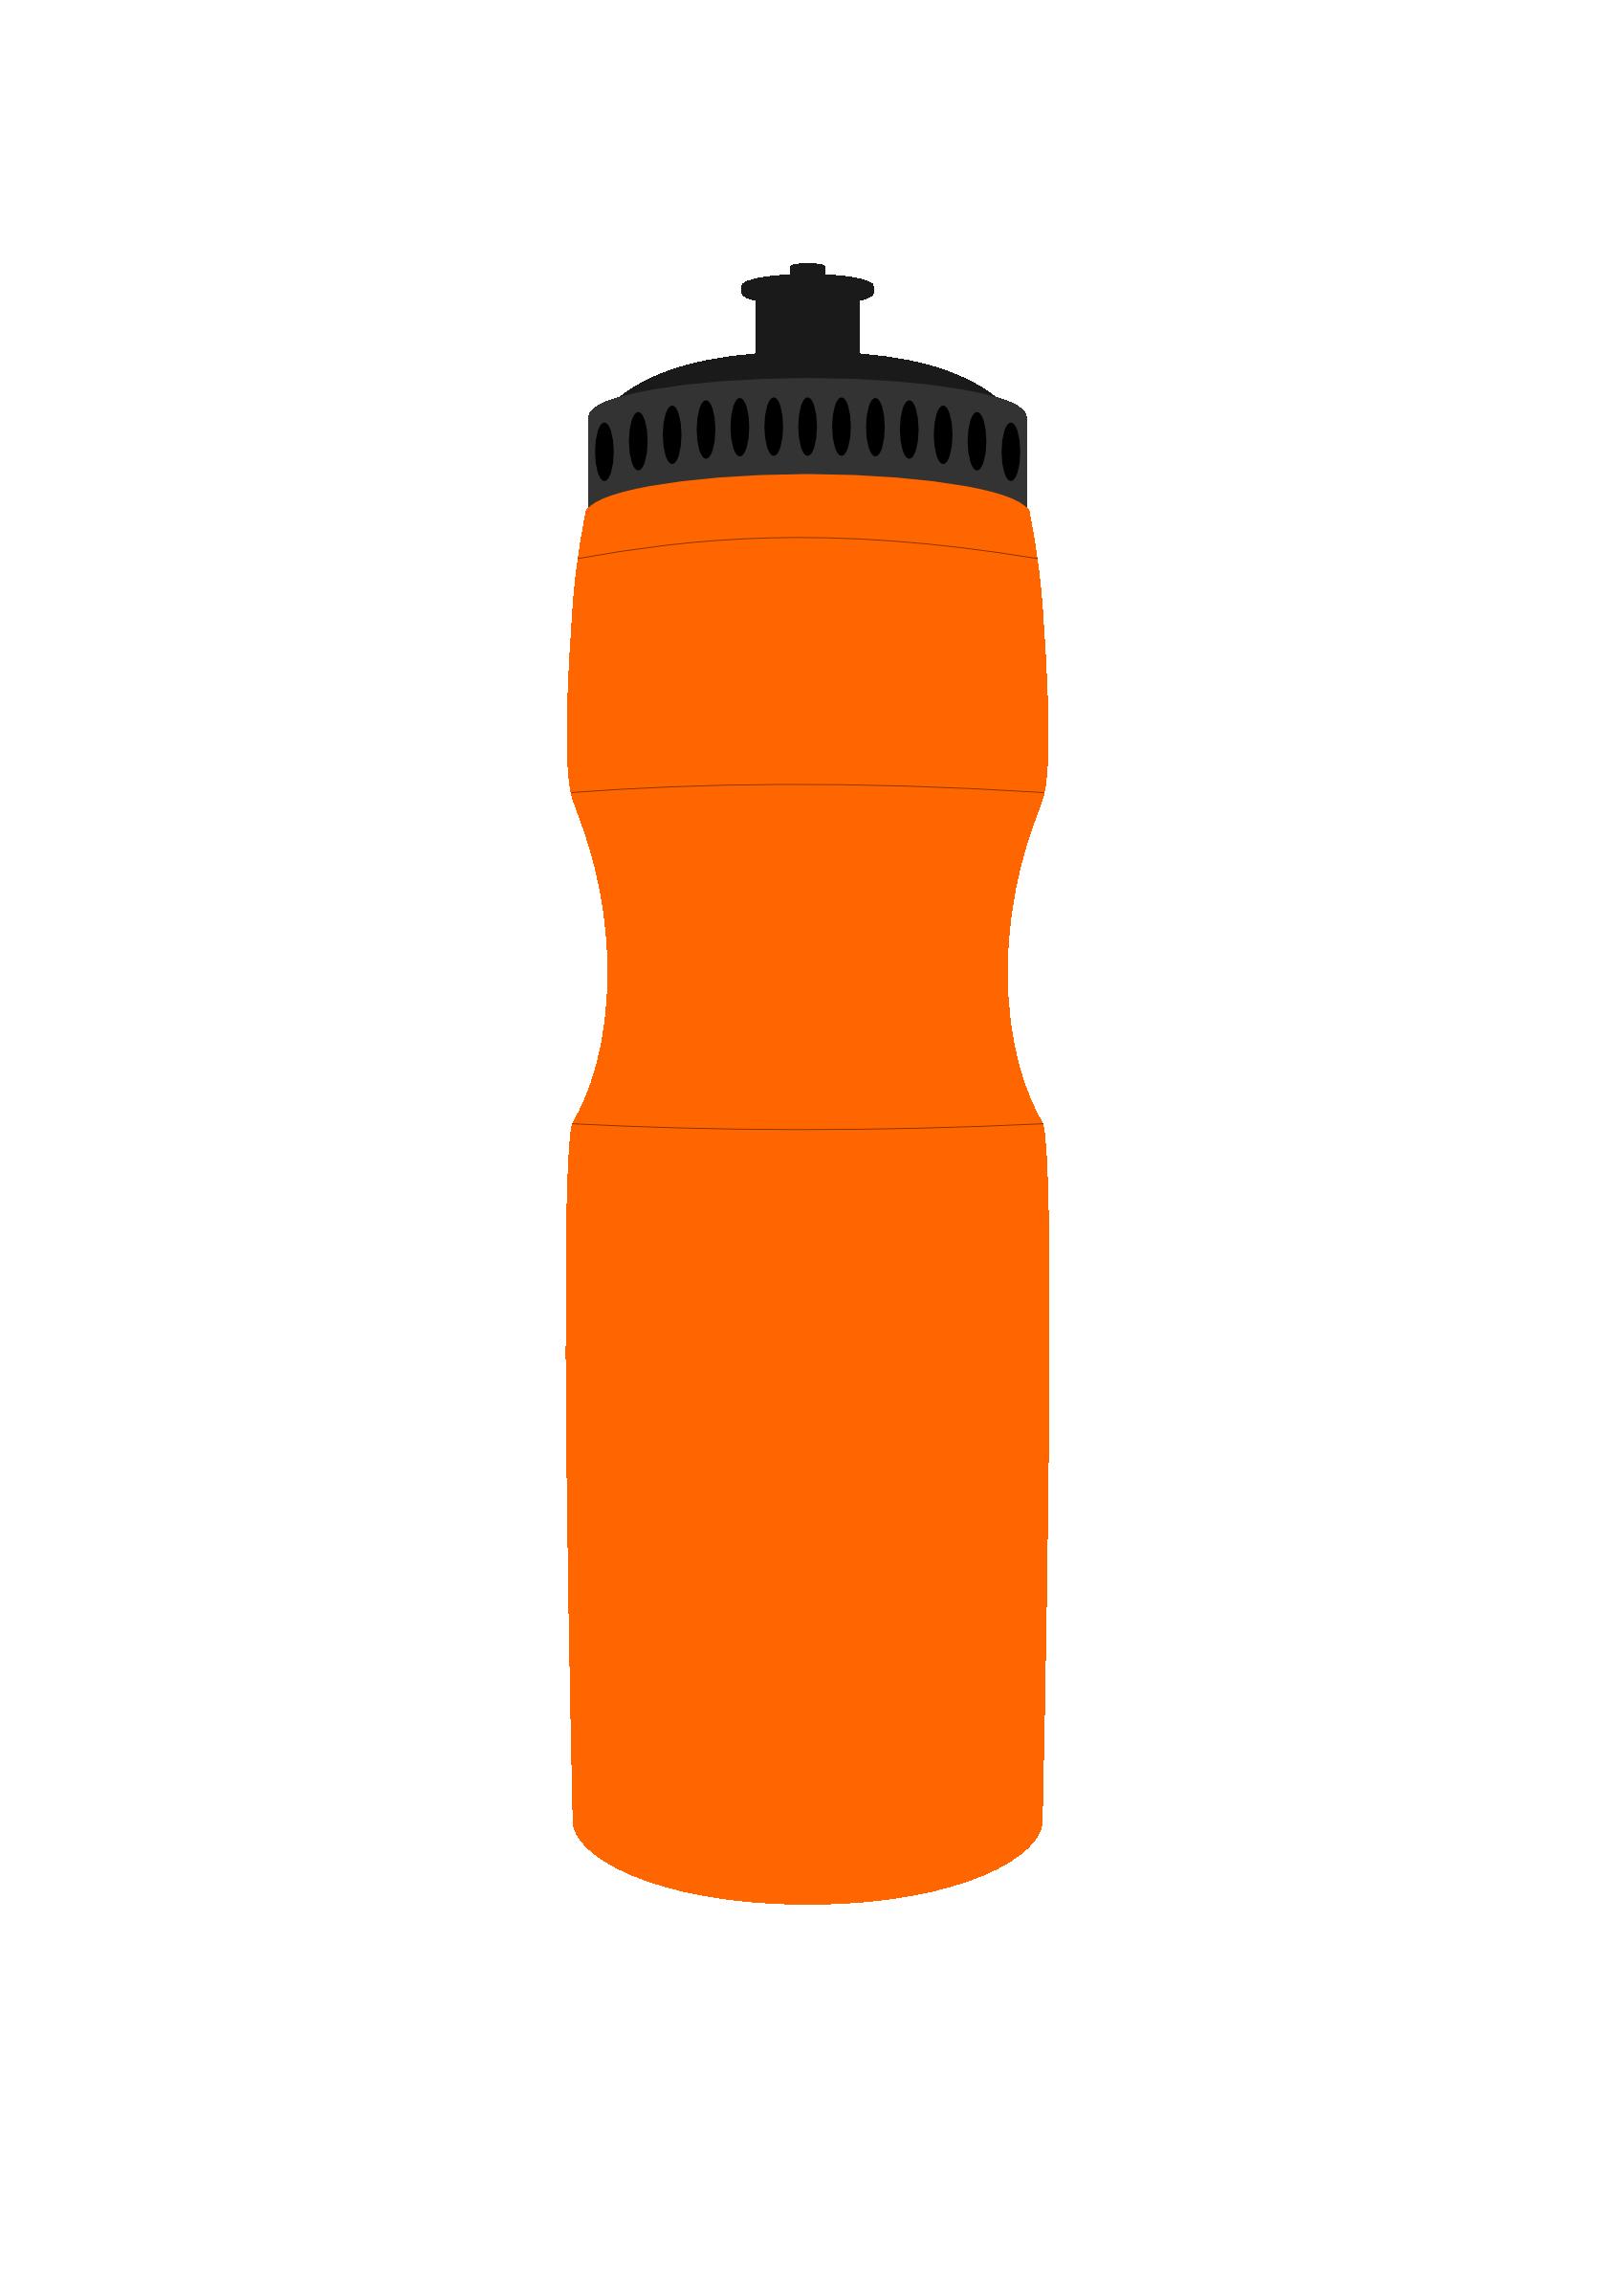 1697x2400 Clip Art 46 Free Water Bottle Clip Art Cjktcom